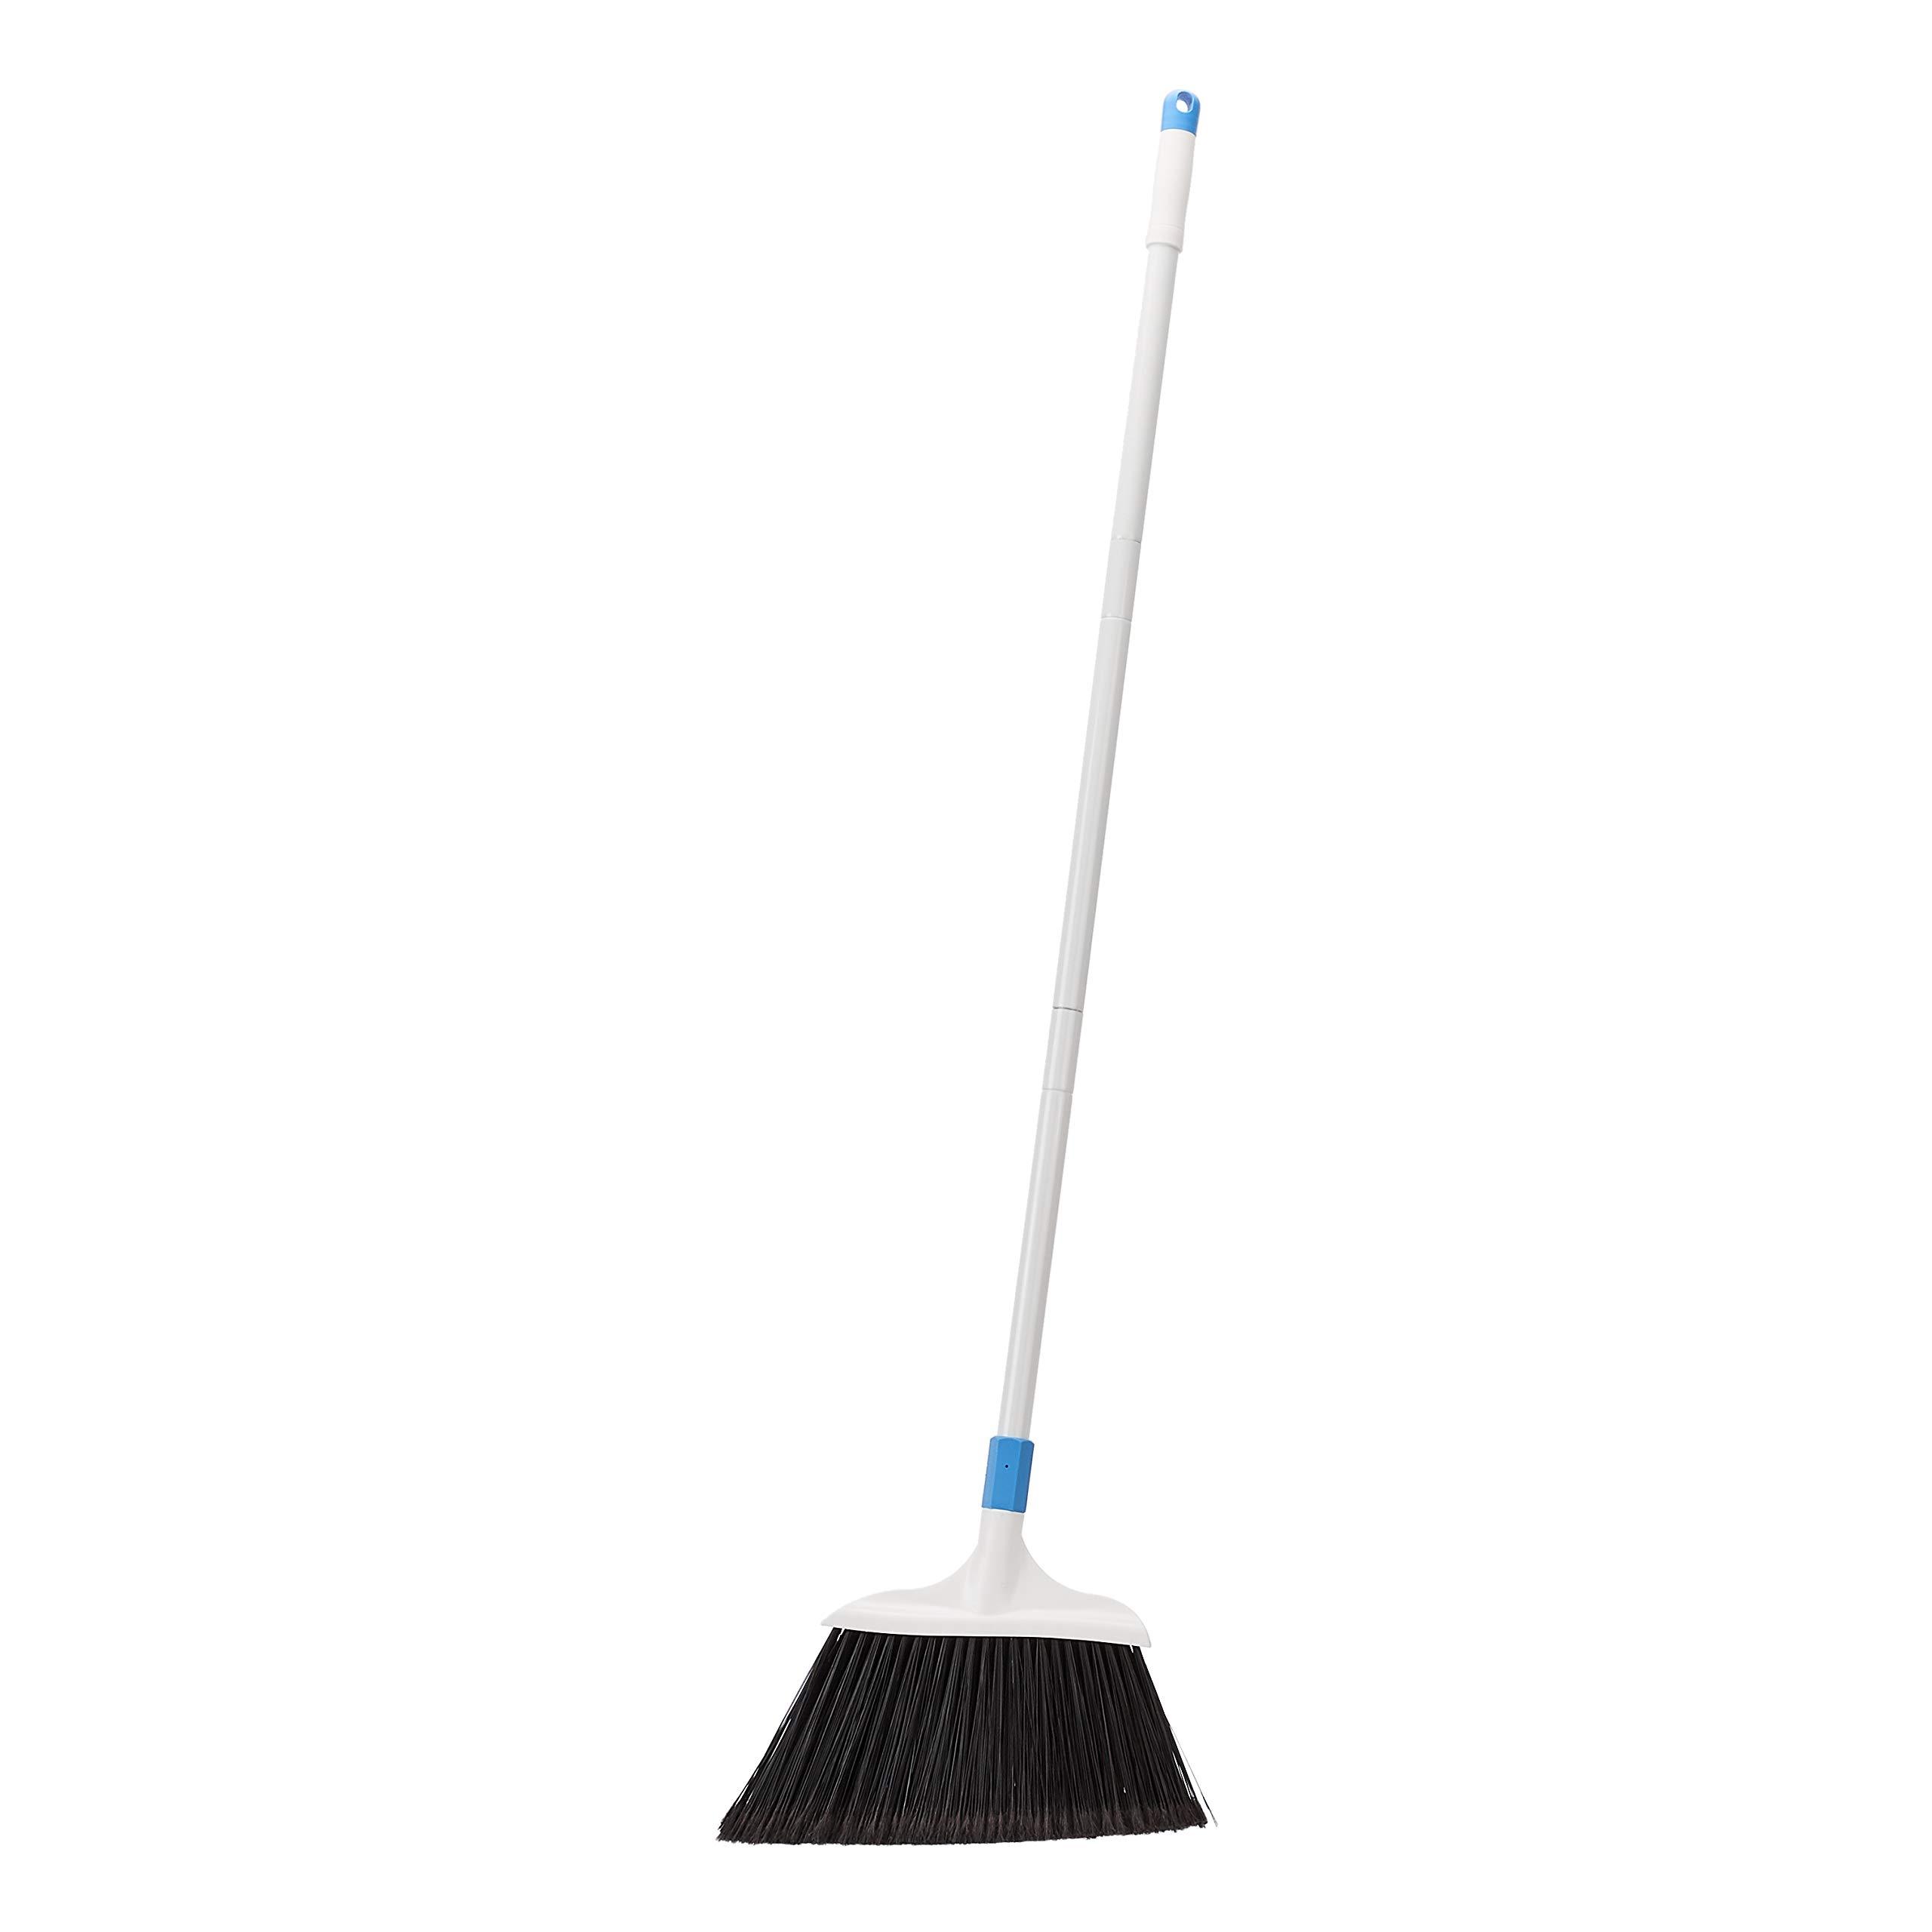 AmazonBasics Heavy-Duty Broom, Blue&White